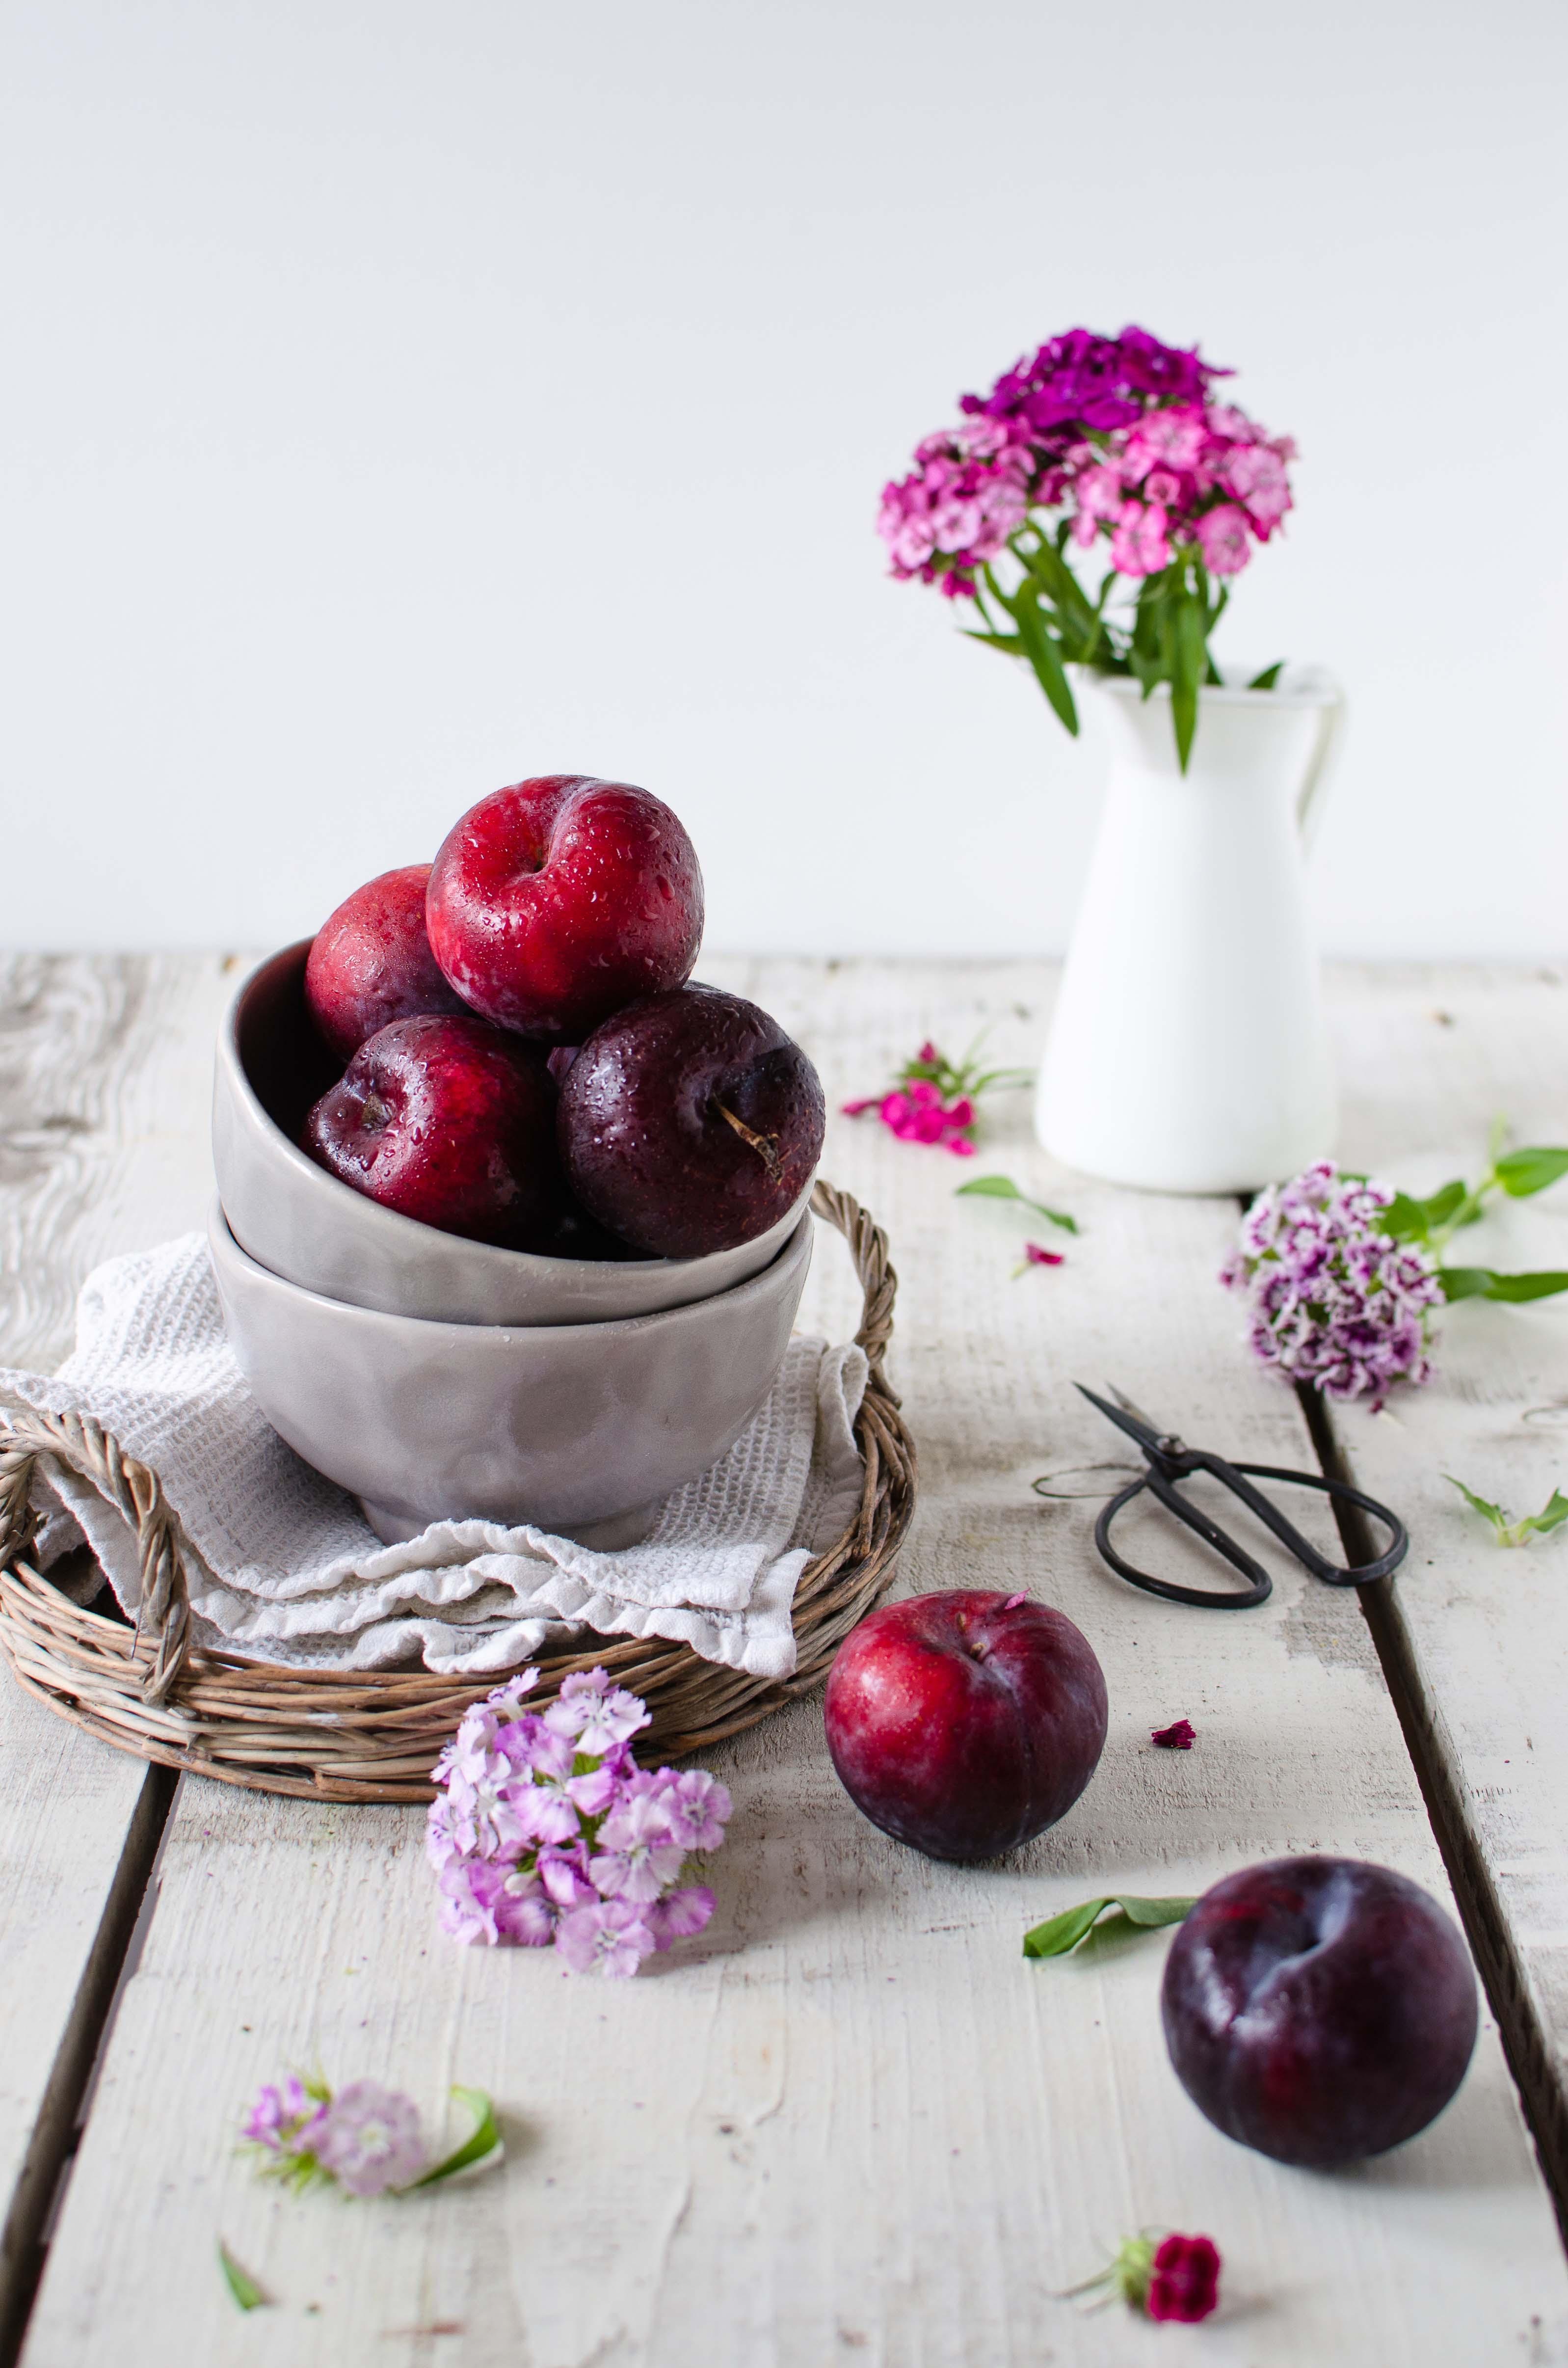 torta_integrale_prugne Torta integrale prugne e pistacchi